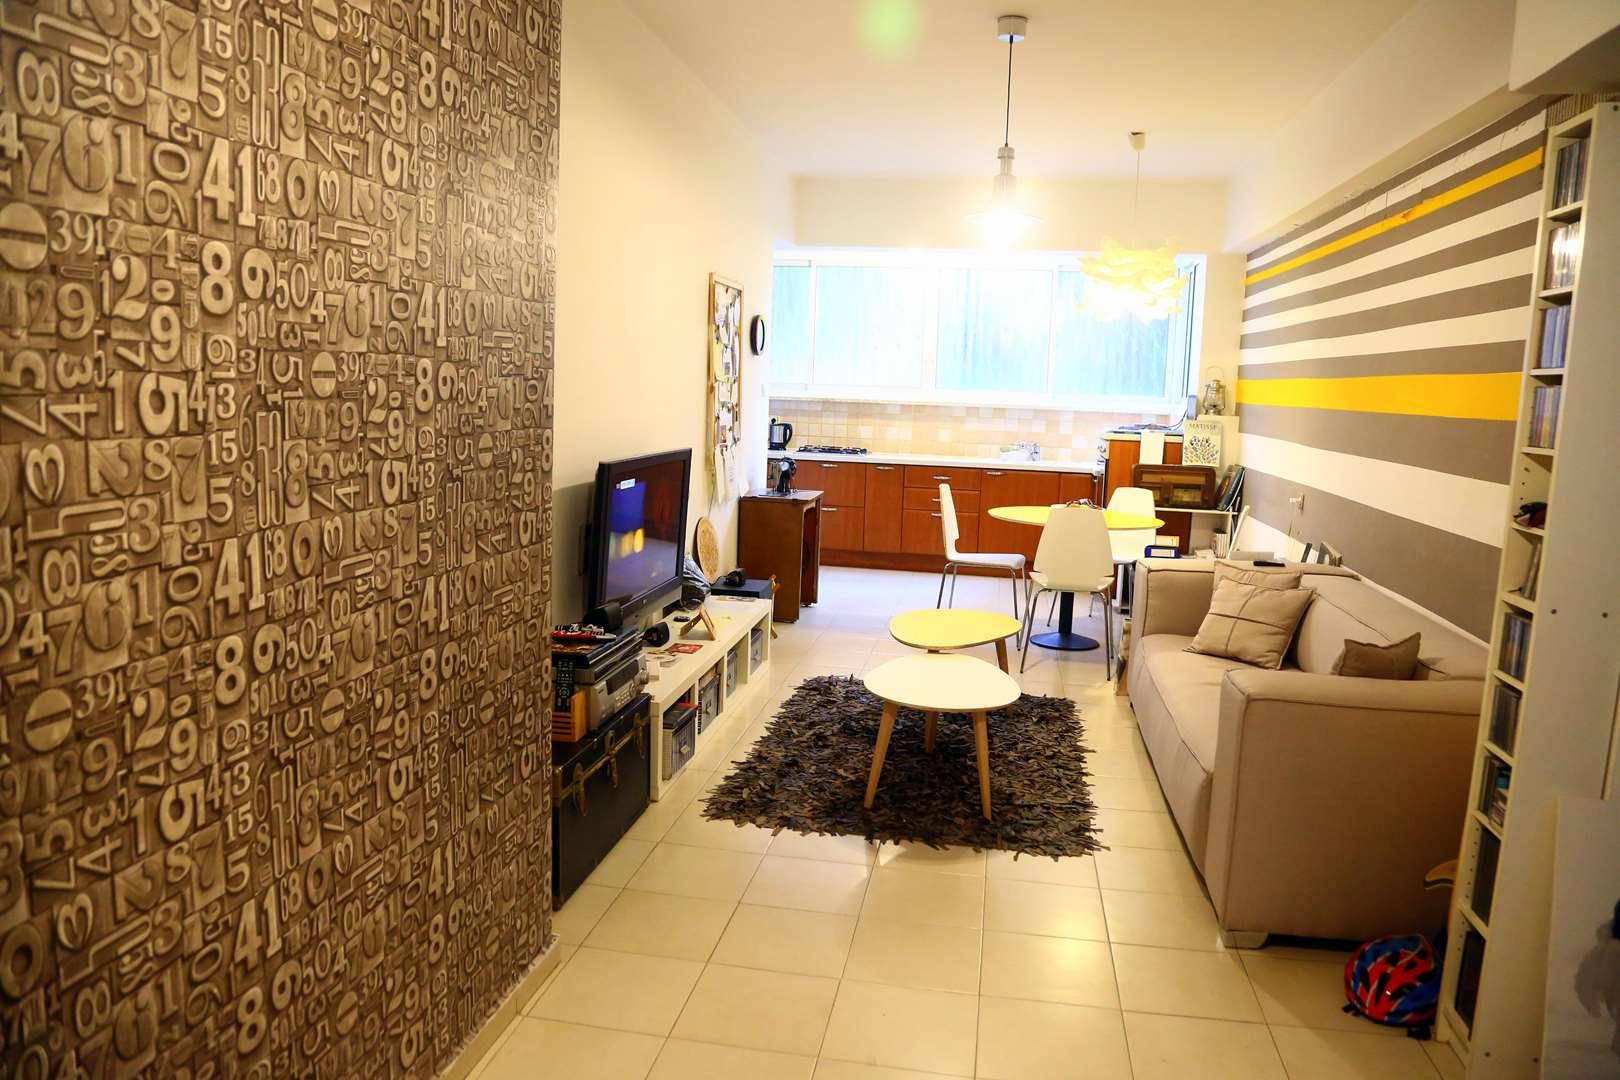 דירה, 3 חדרים, שיינקין 69, גבעתיים